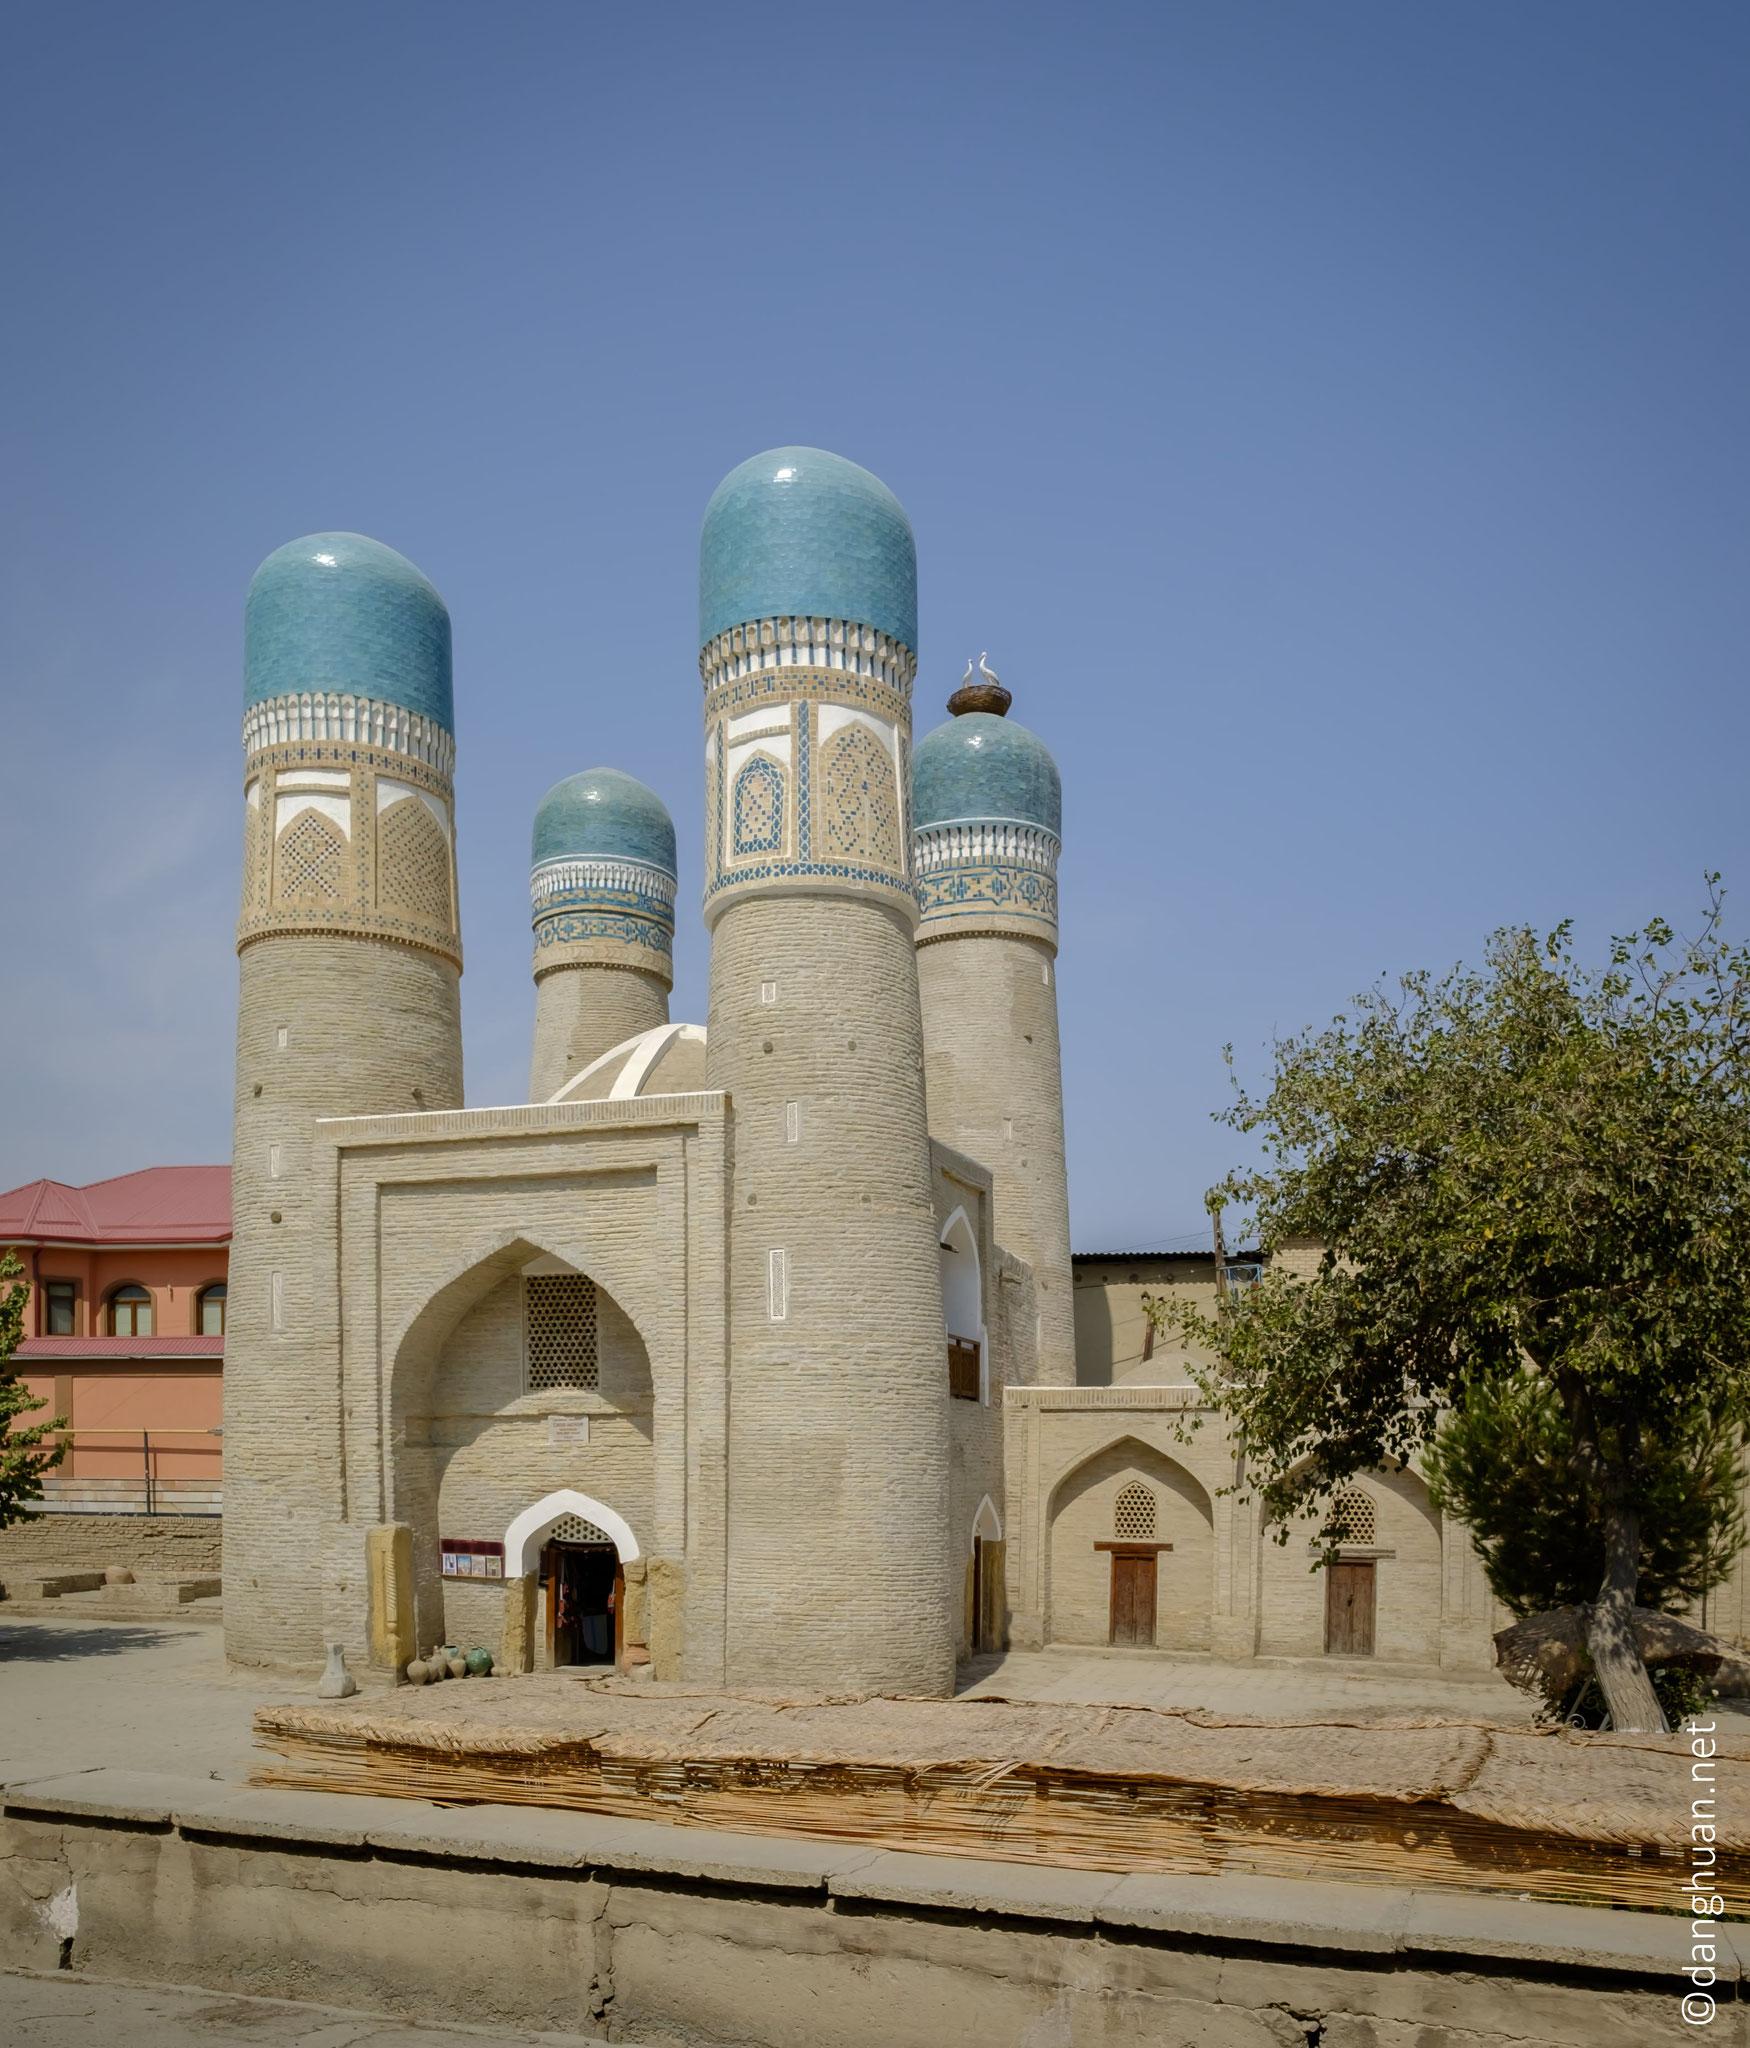 Chor-minor (quatre minarets) érigée en 1807 dont le style n'a pas d'analogues dans l'architecture islamique de l'Asie centrale